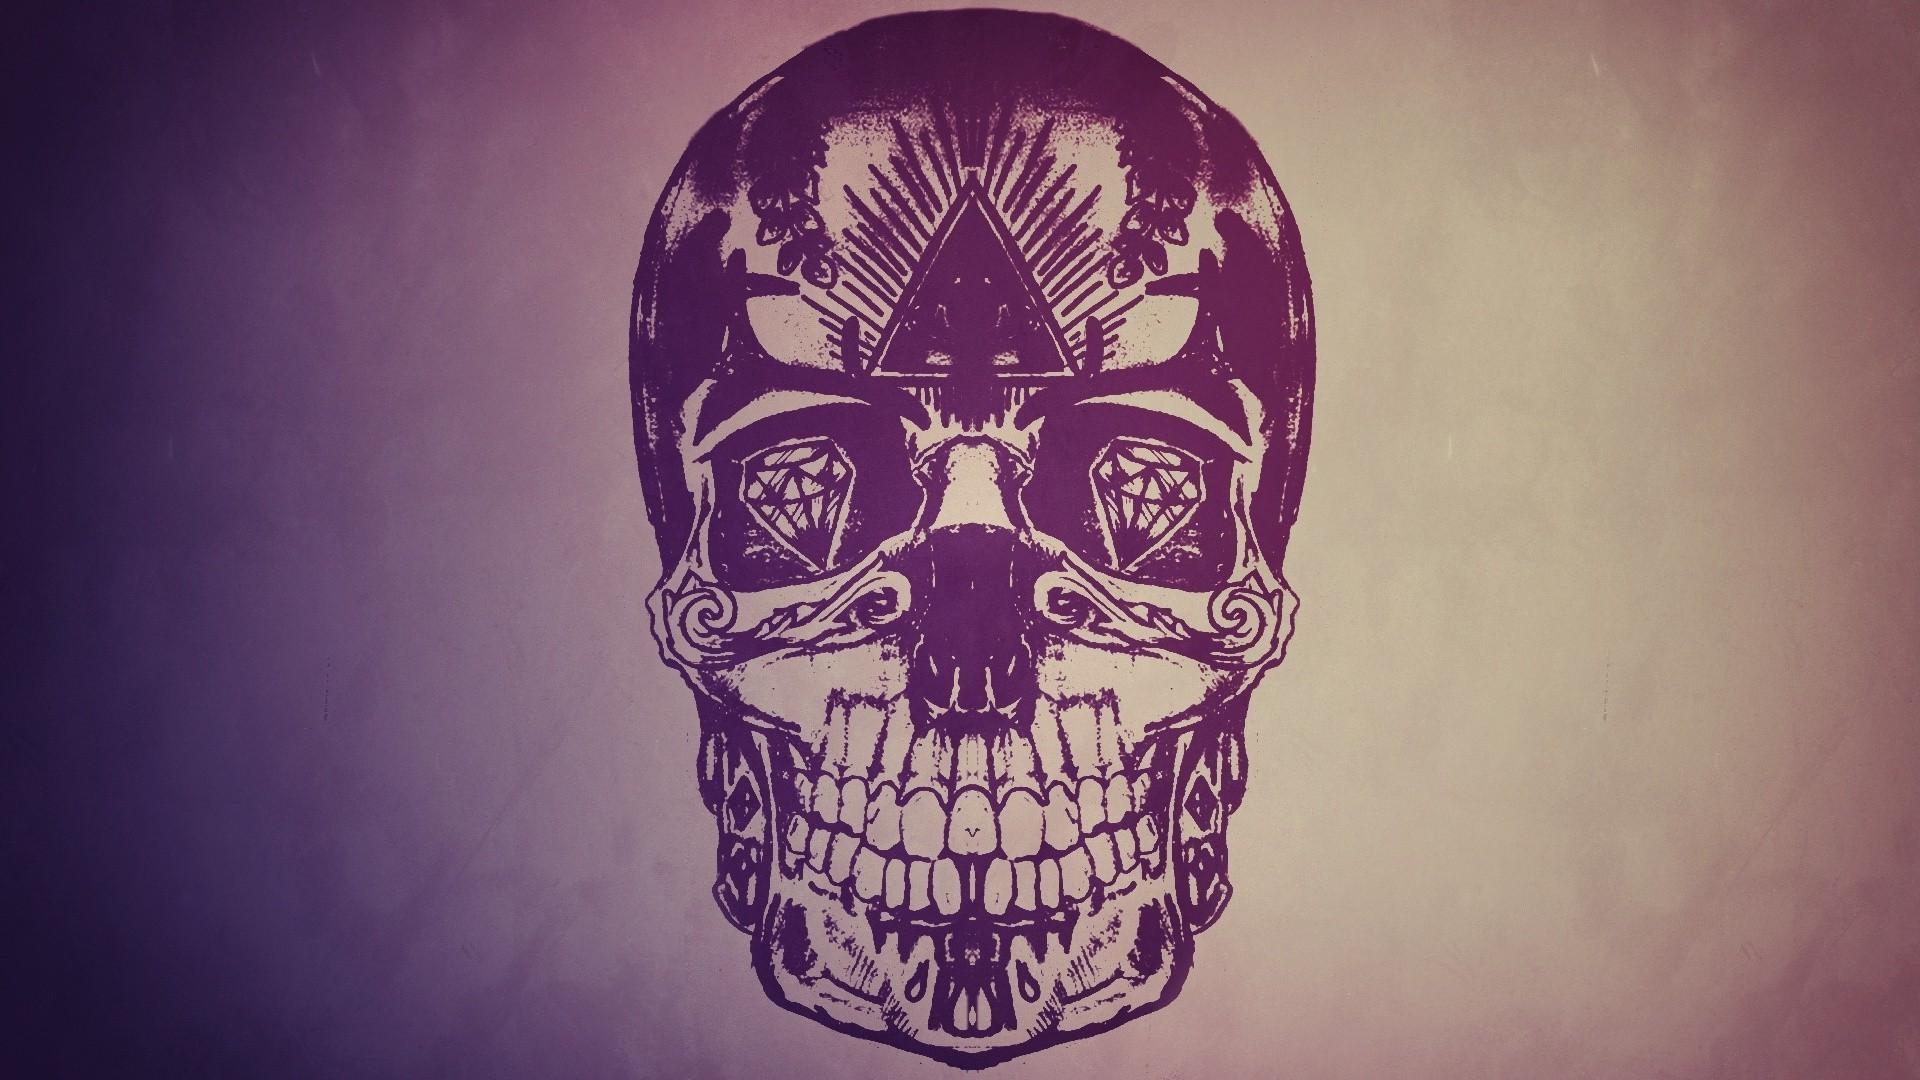 1920x1080 9 Best Sugar Skull Images Images On Pinterest Sugar Skulls Day